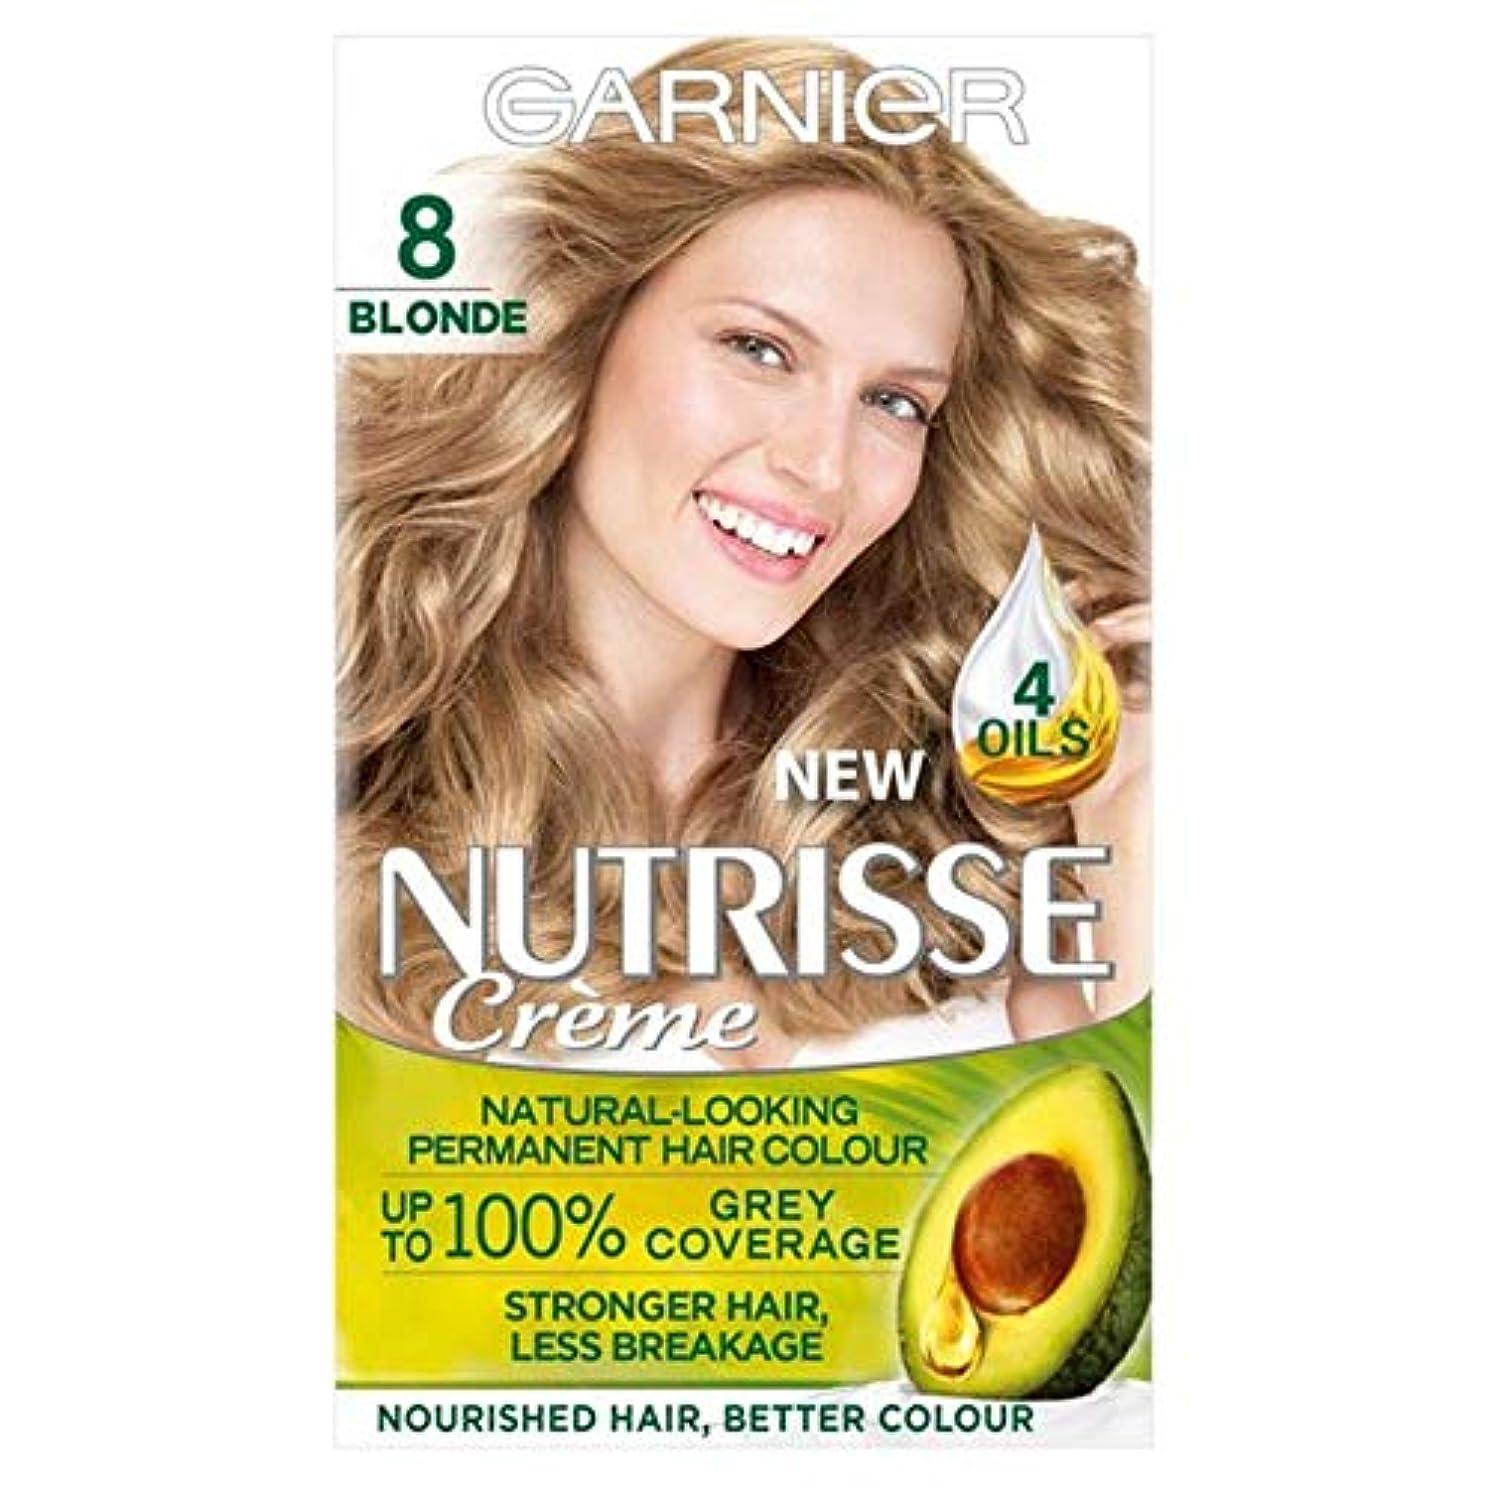 ページ悪党通貨[Nutrisse] 8ブロンドの永久染毛剤Nutrisseガルニエ - Garnier Nutrisse 8 Blonde Permanent Hair Dye [並行輸入品]